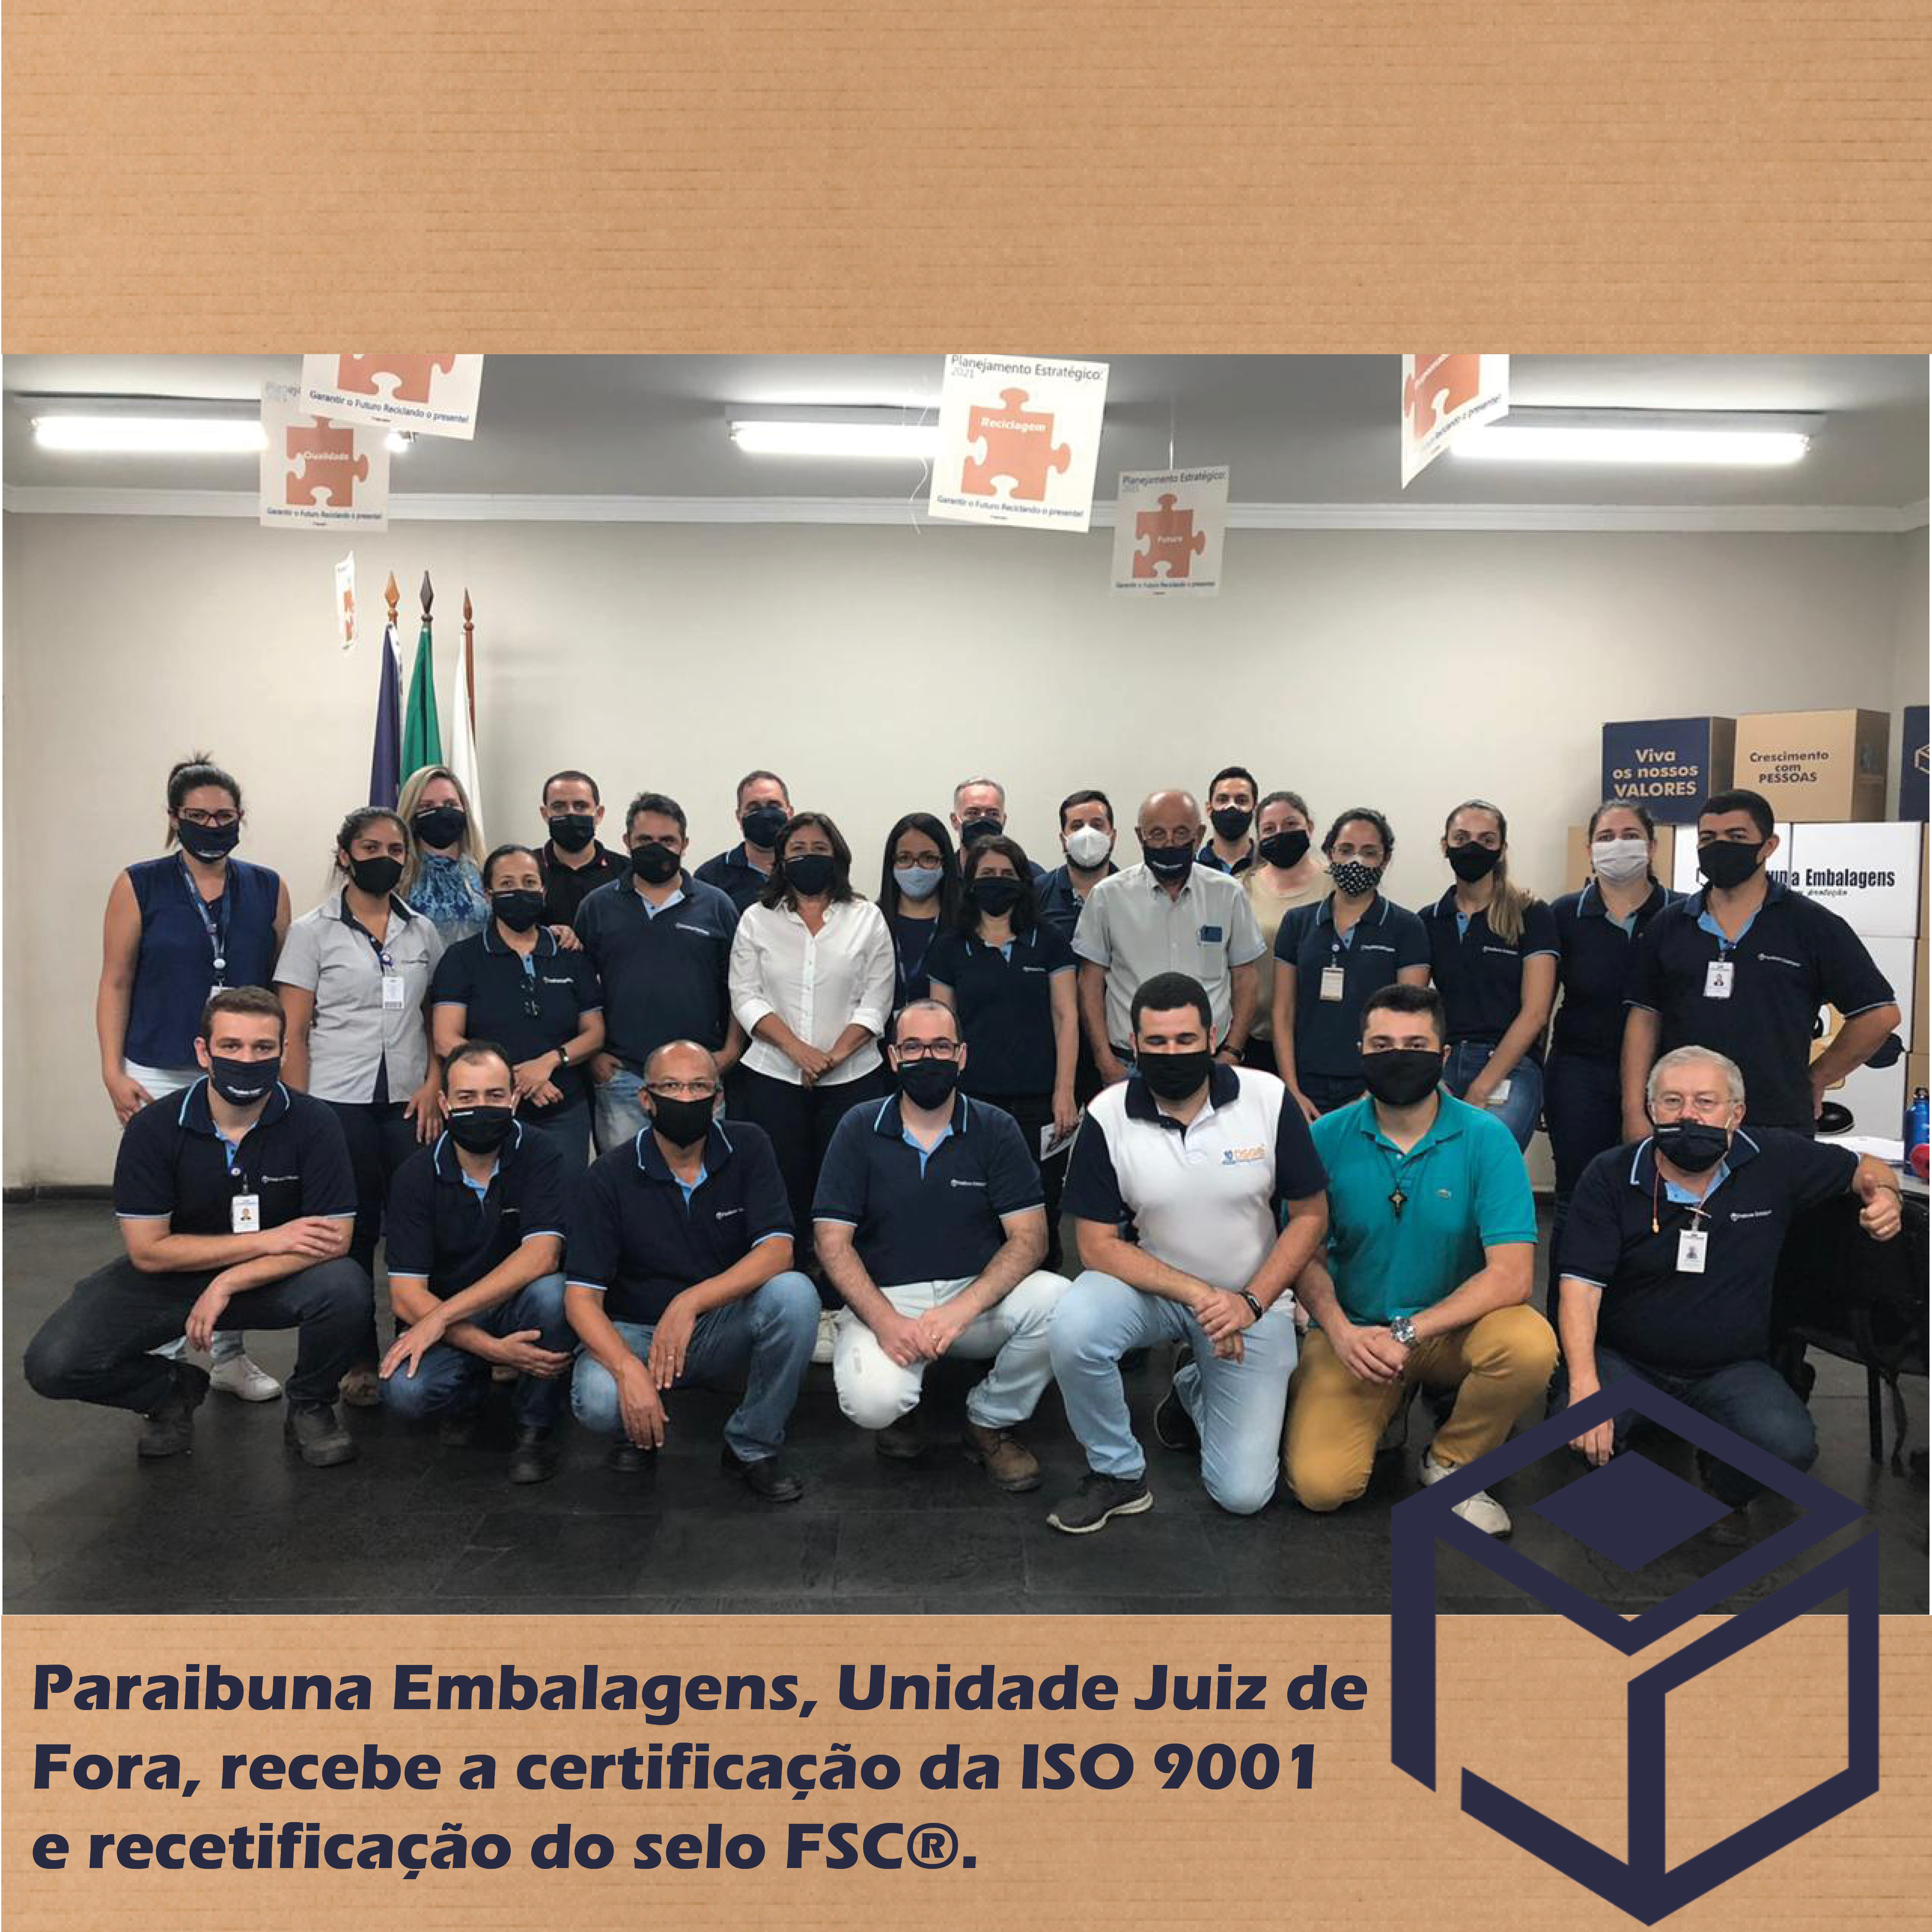 Paraibuna Embalagens Conquista a ISO 9001 e é recertificada com selo FSC®